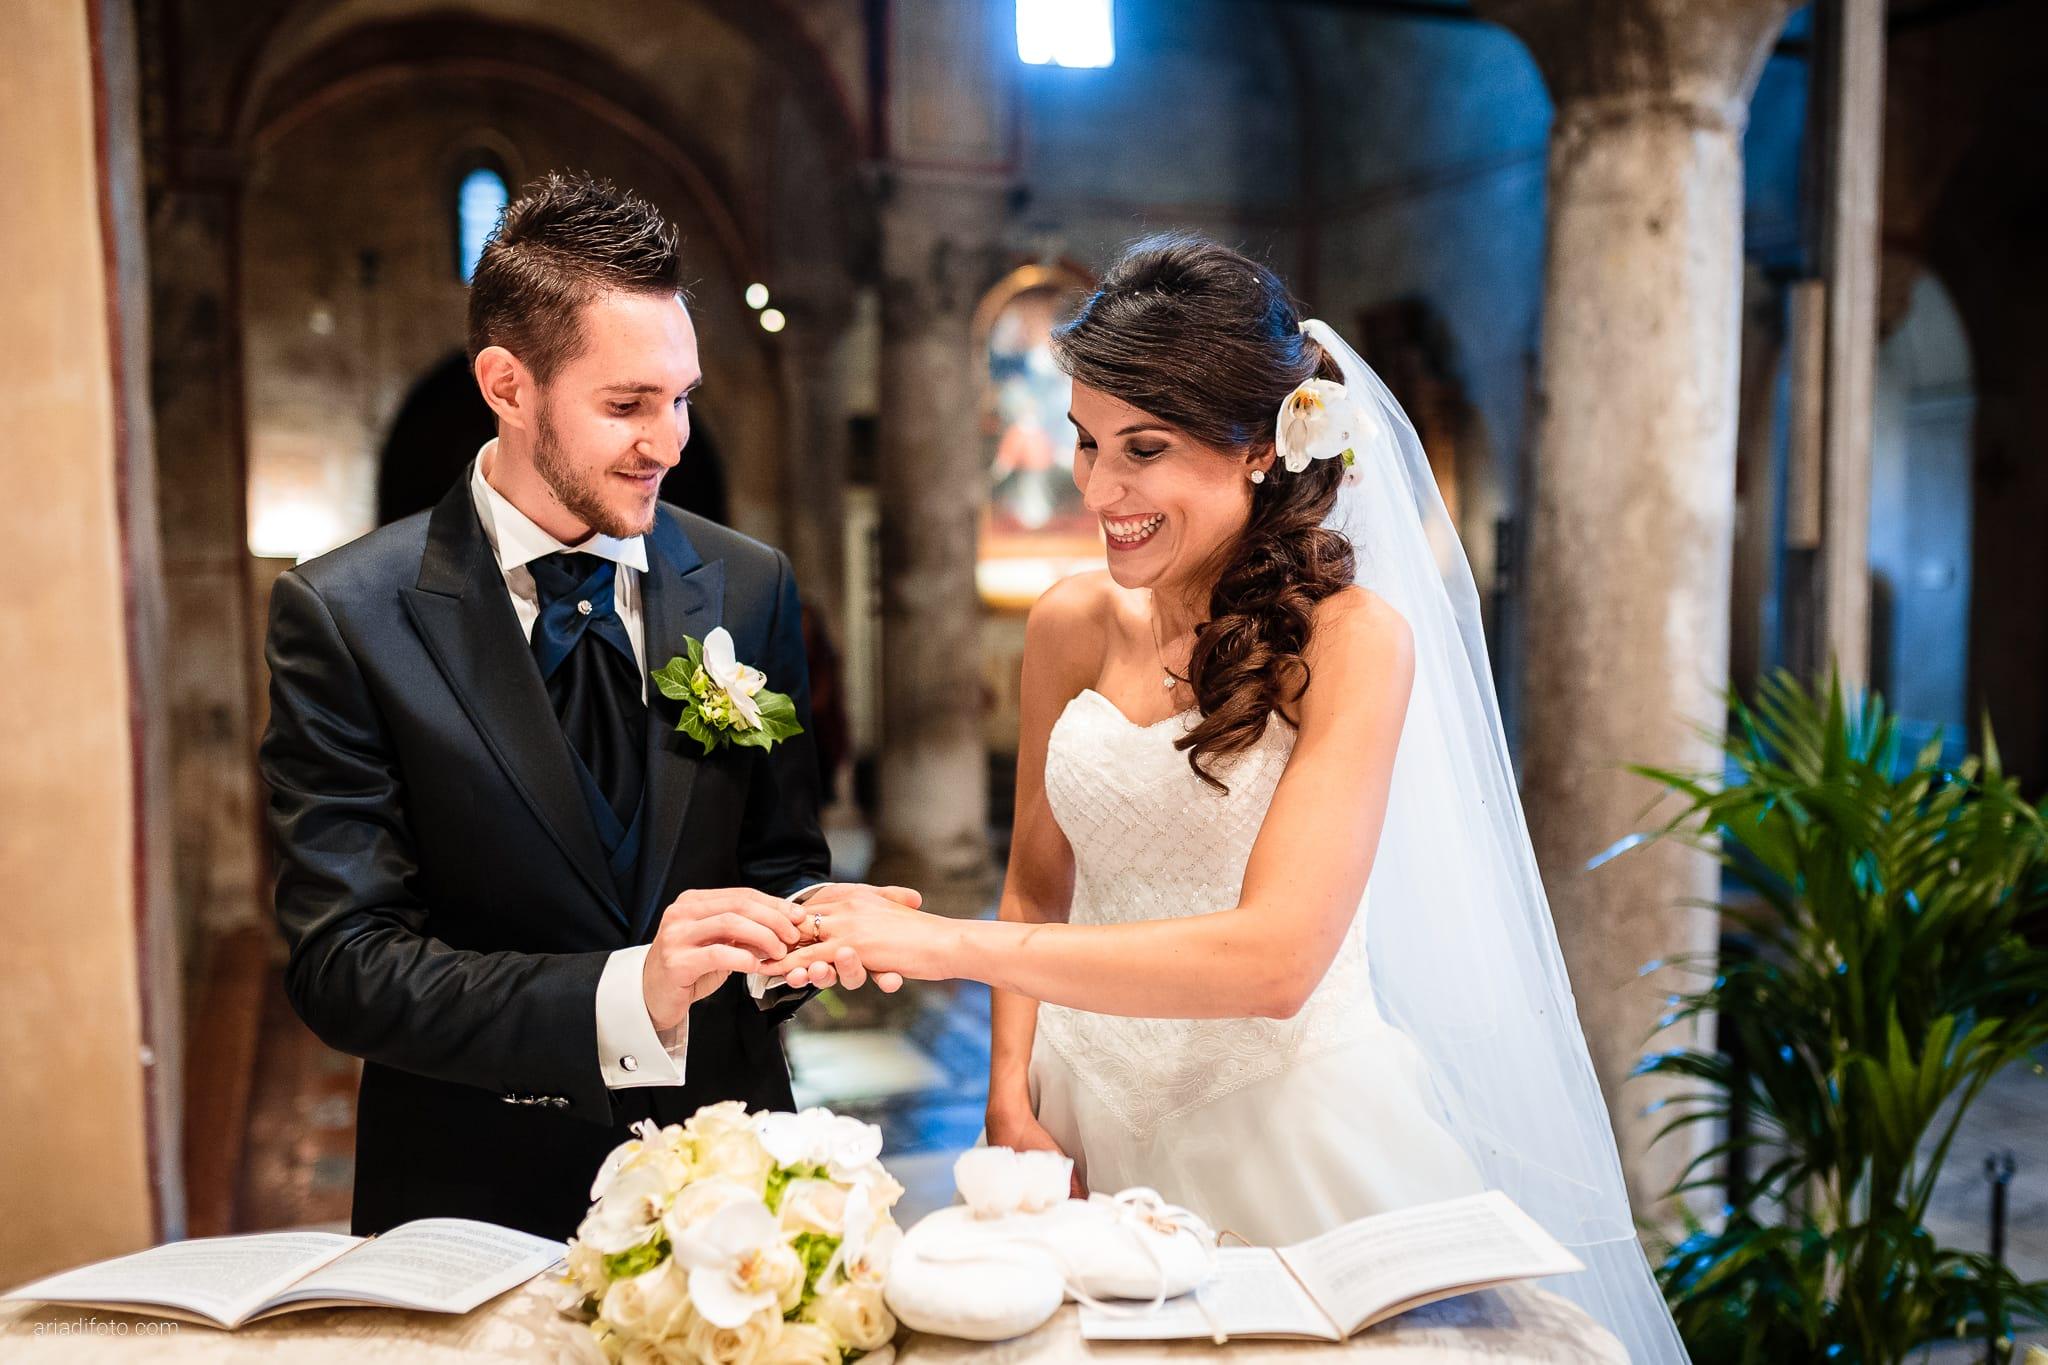 Mariarita Matteo Matrimonio Trieste Cattedrale San Giusto Villa Attems Cernozza Postcastro Lucinico Gorizia cerimonia scambio degli anelli